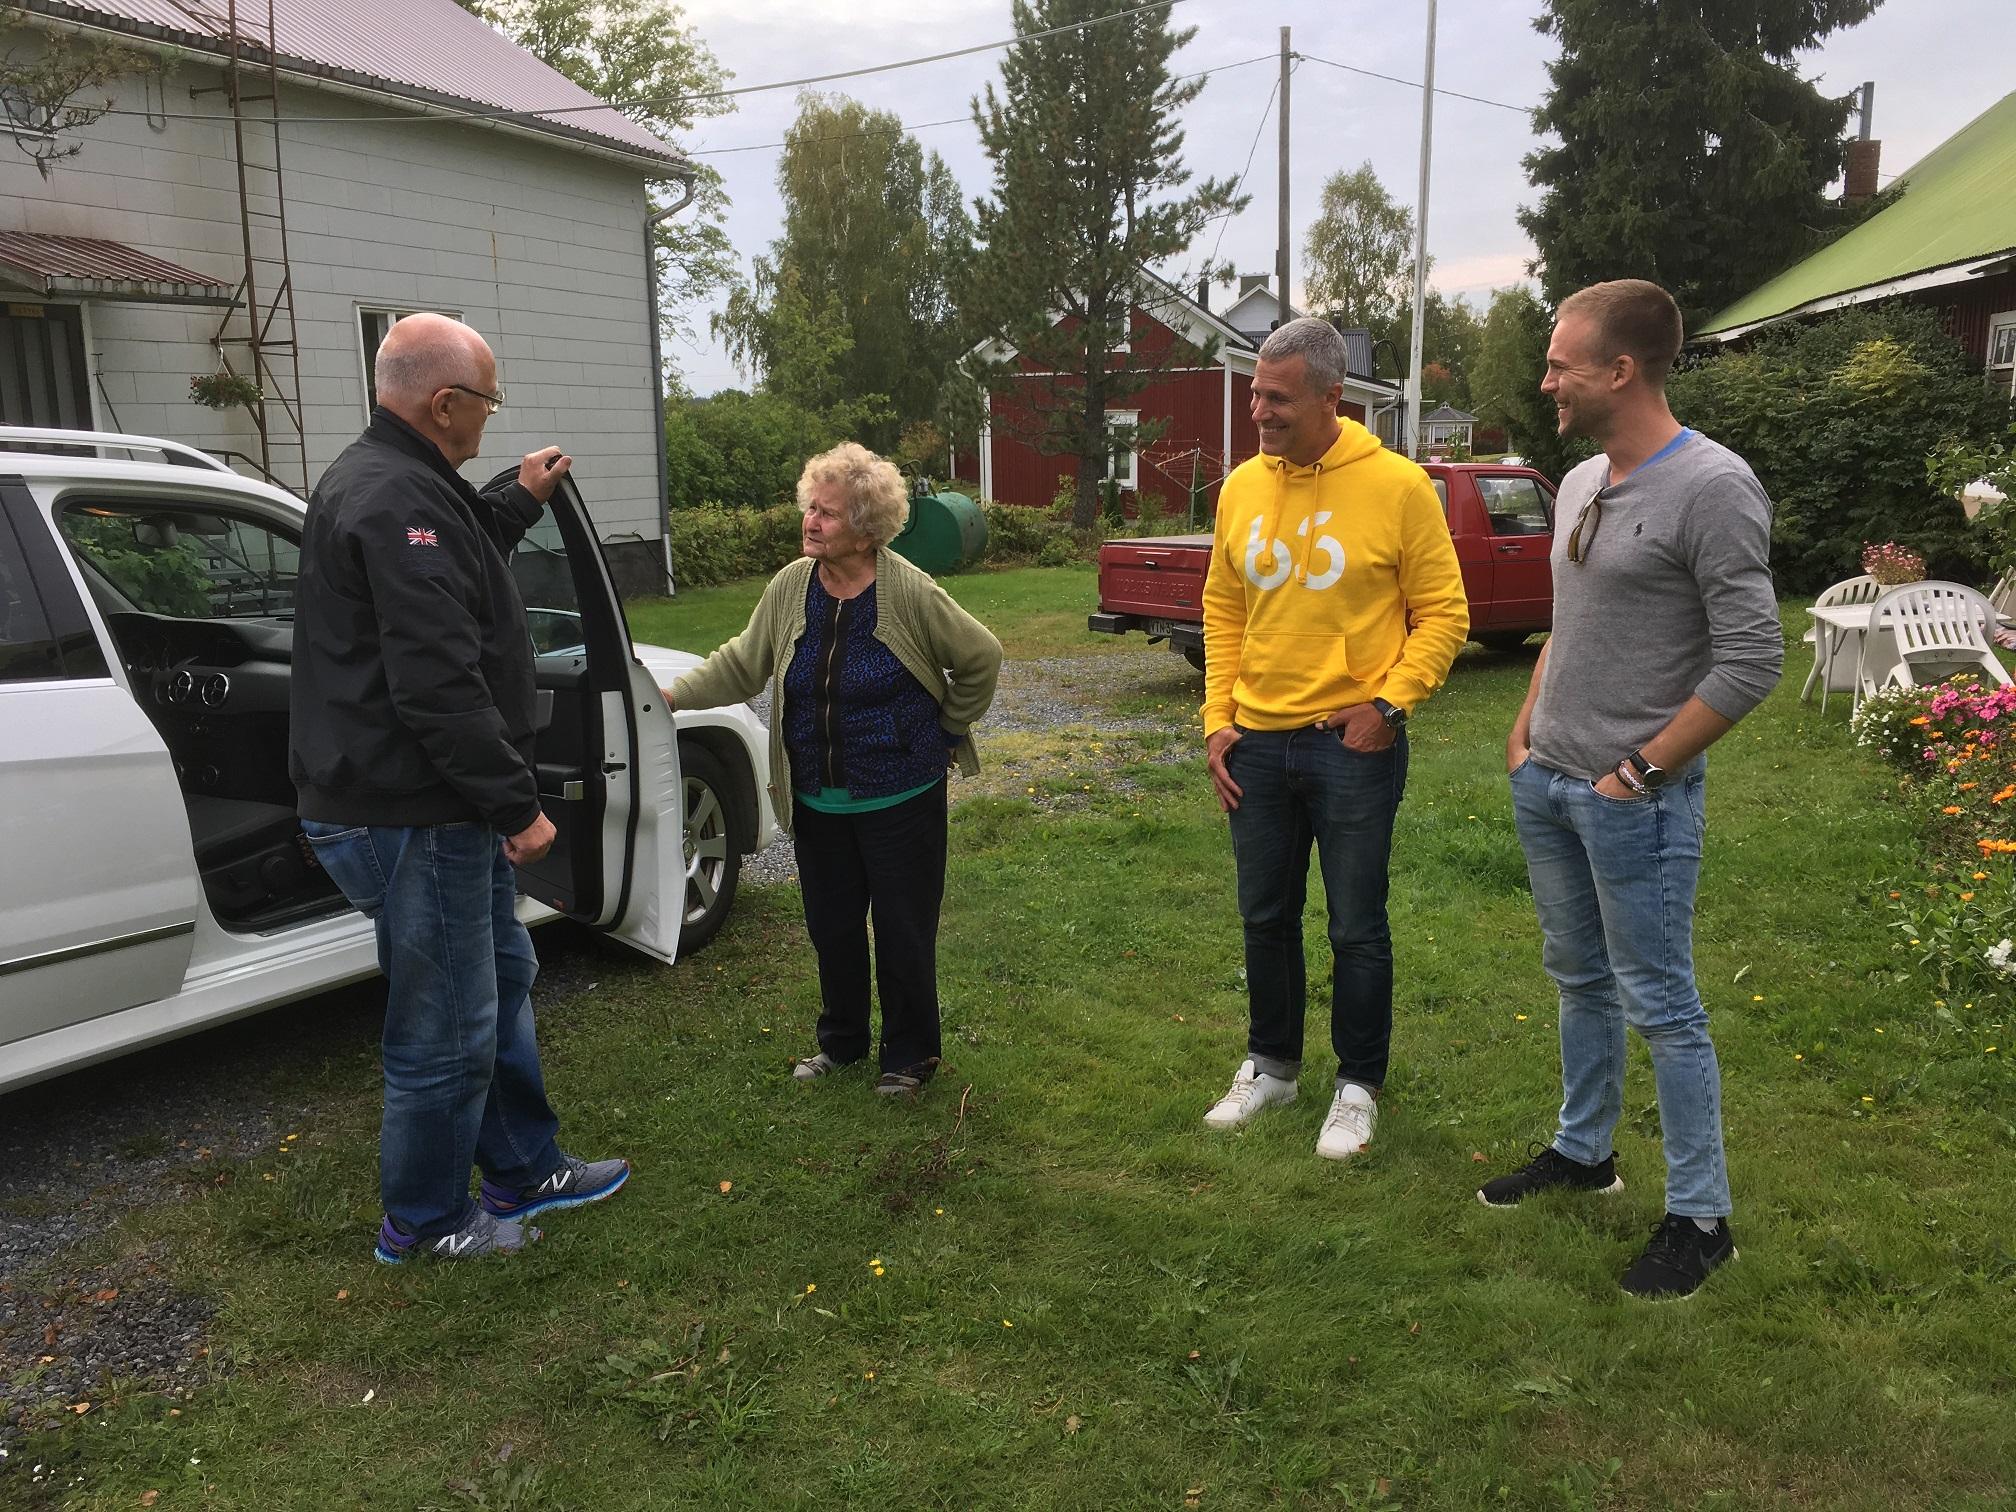 """Med sin stukade fot hade Roy problem att röra sig under rundresan i Dagsmark men ungdomliga Mildred Klåvus som är 99 år, kom i stället ut på gården för att hälsa på sin systerson, som hon inte hade träffat på nästa 50 år. Tommy och Patrik verkar förtjusta över att få träffa sin farmors syster. Gården i bakgrunden tillhörde i tiderna """"Mattas-Viktor"""" och Hilda Grans."""